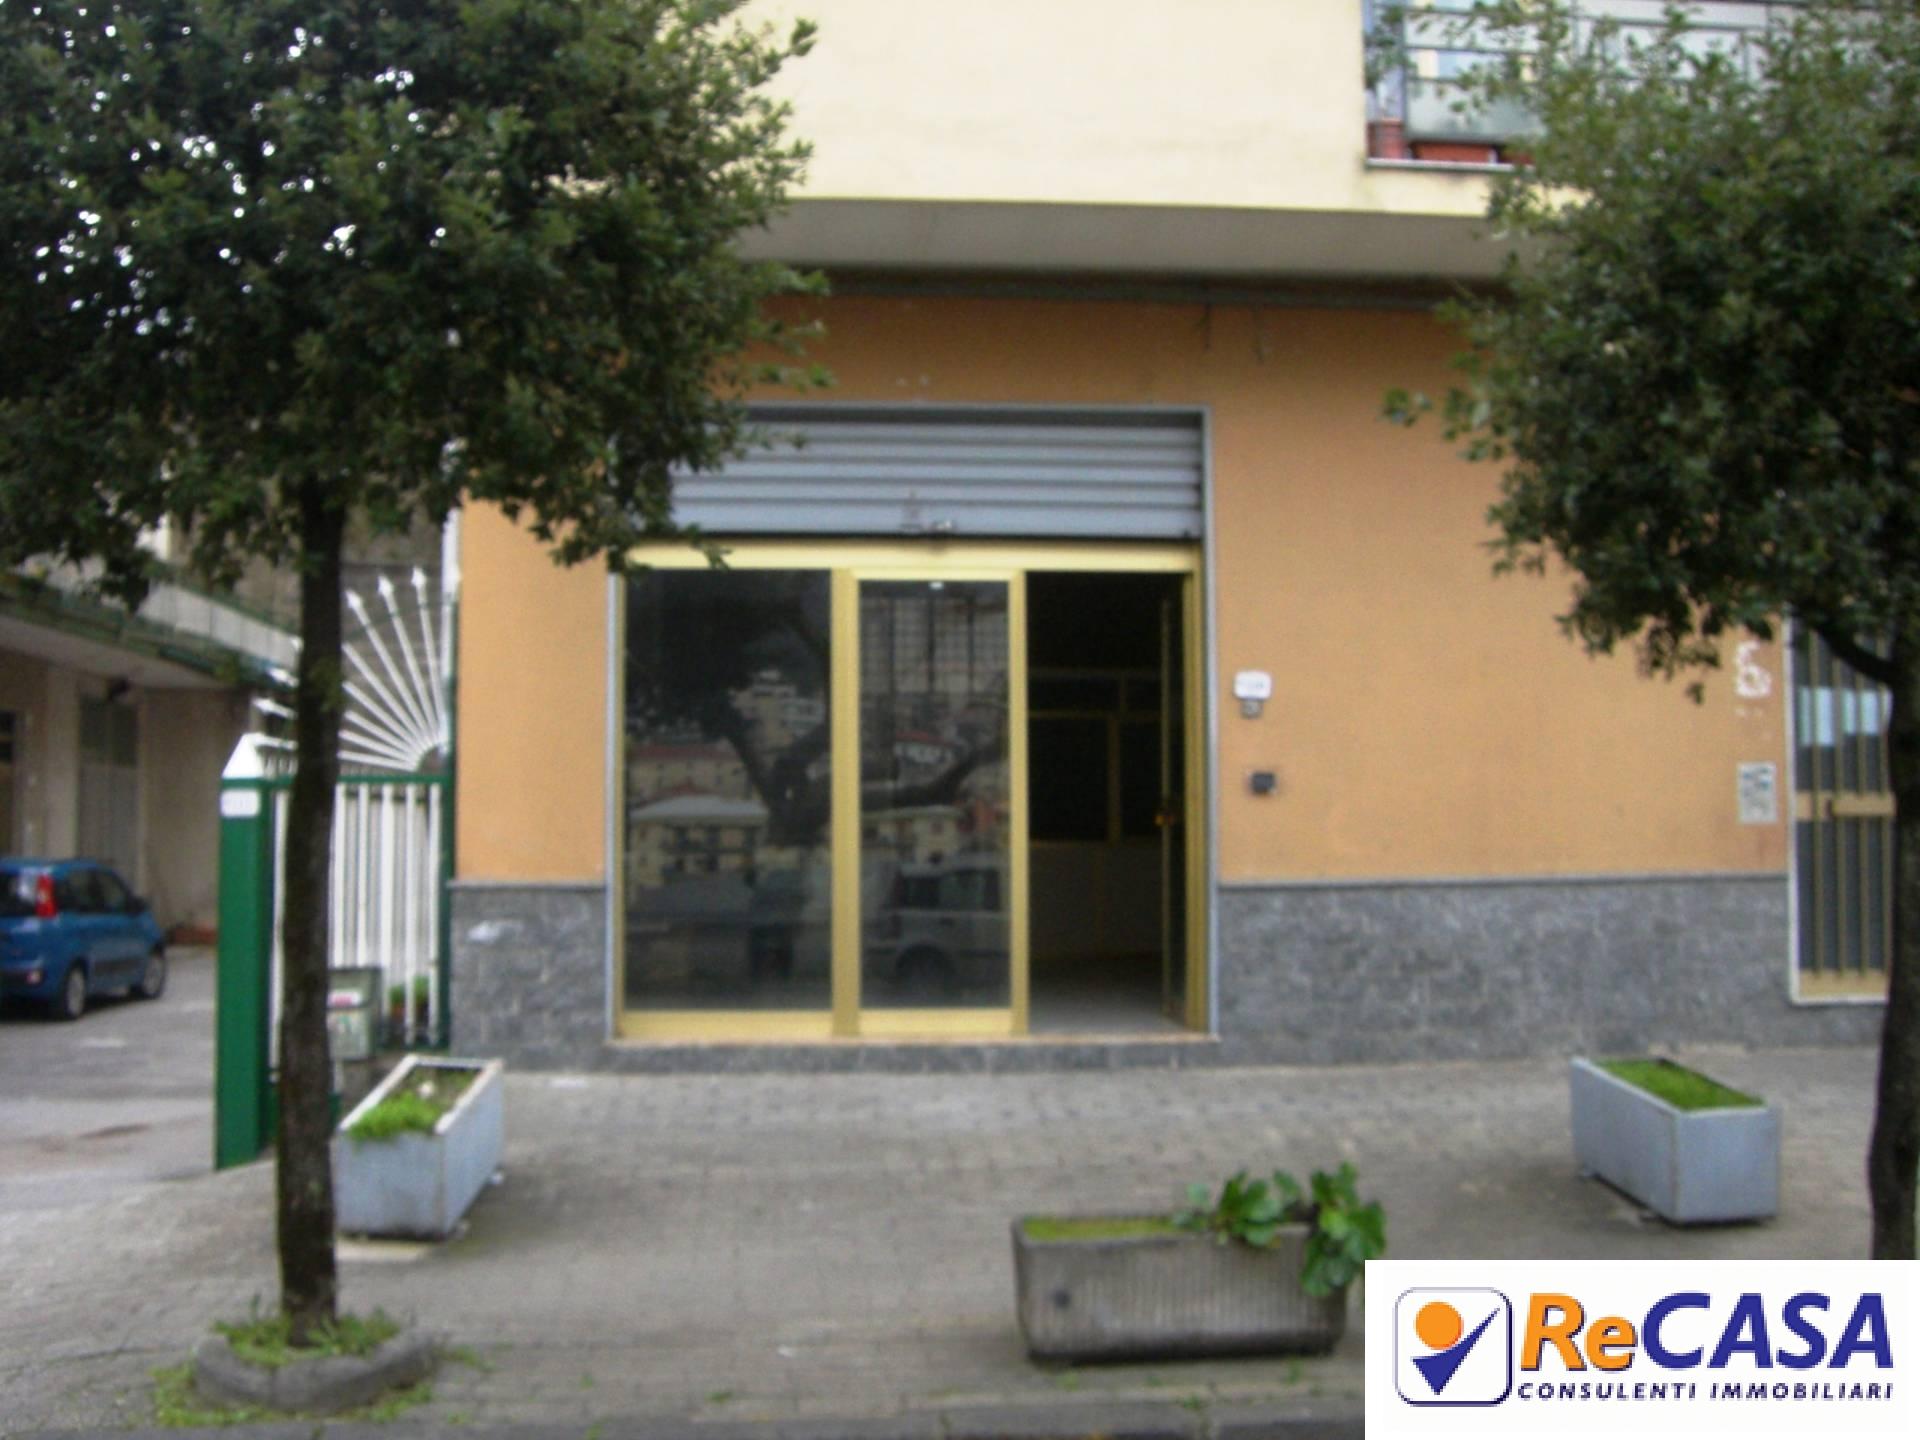 Negozio / Locale in vendita a Montecorvino Rovella, 9999 locali, zona Località: Centro, prezzo € 75.000 | Cambio Casa.it